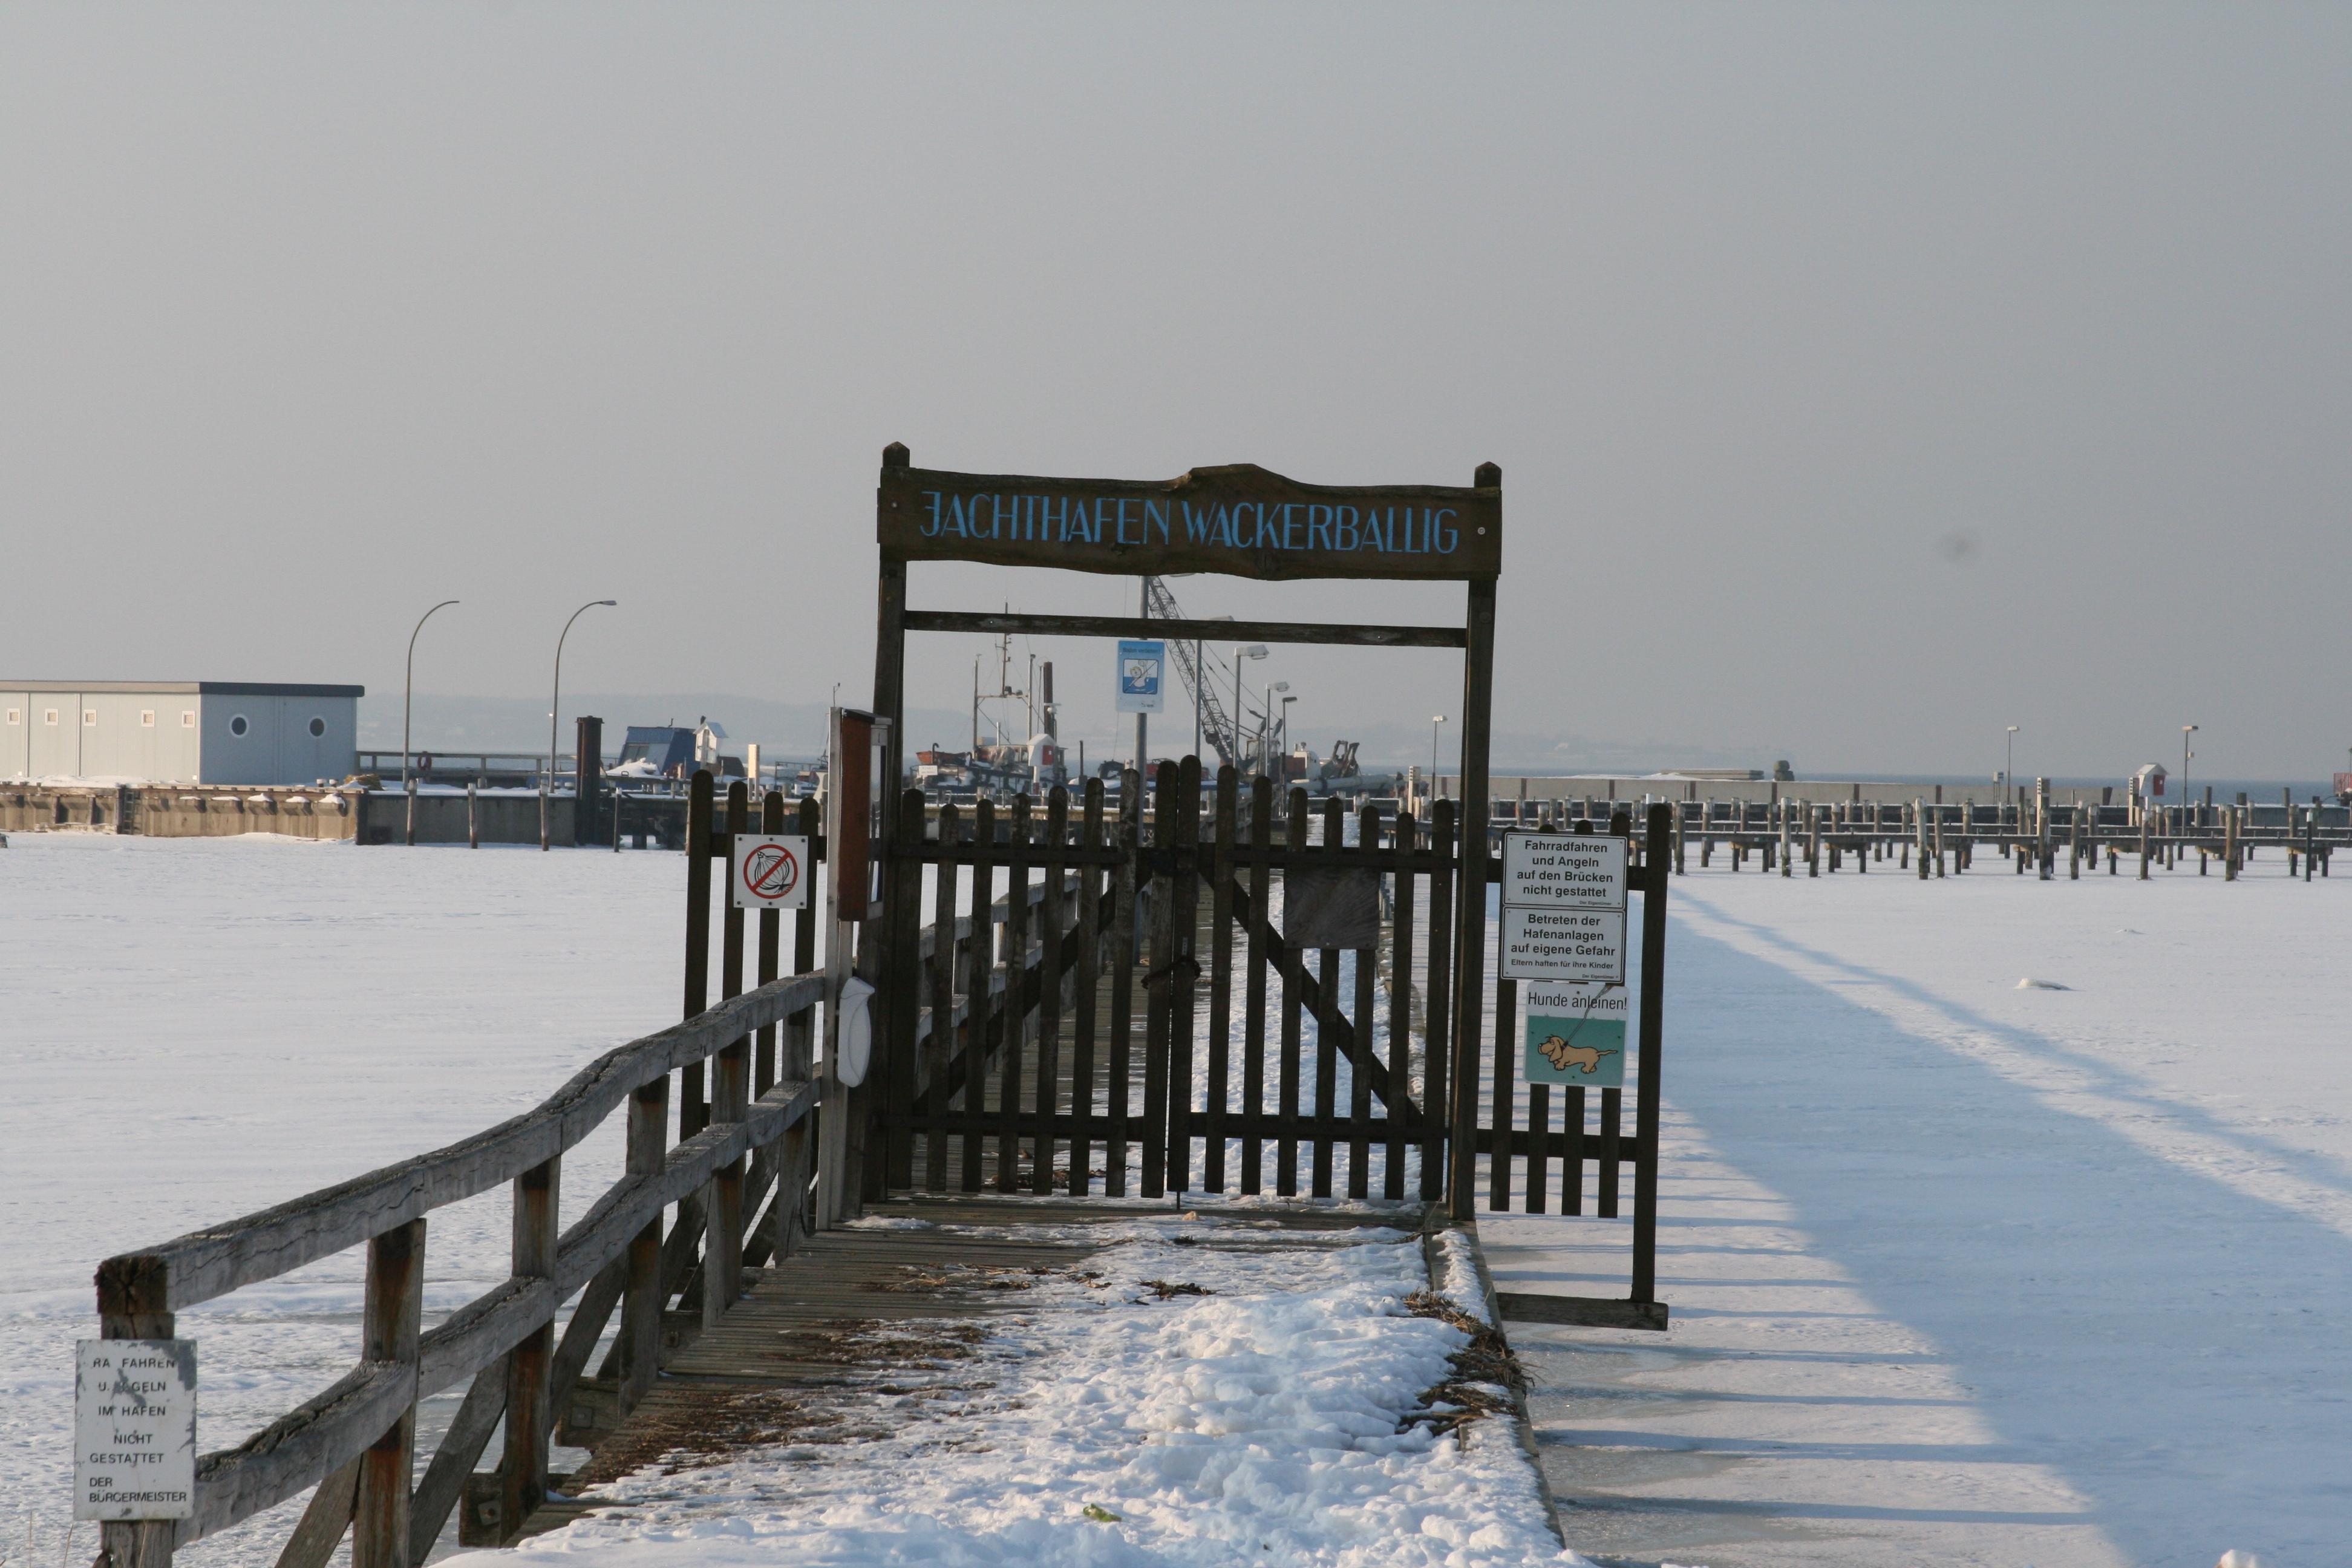 Seebrücke Wackerballig